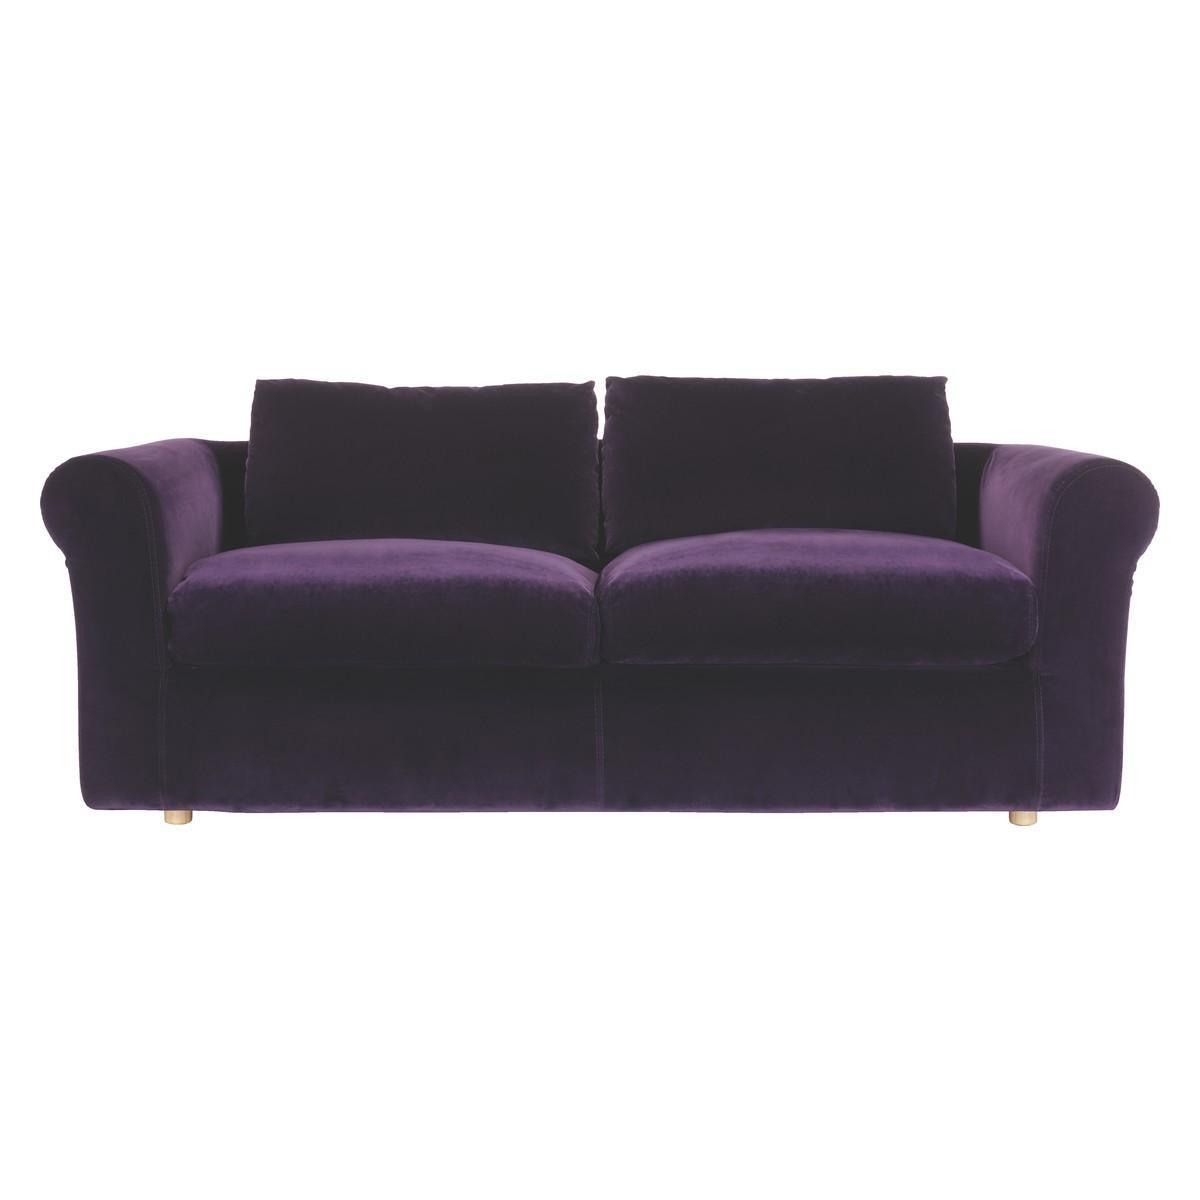 Louis Purple Velvet 3 Seater Sofa | Buy Now At Habitat Uk Regarding Velvet Purple Sofas (Image 9 of 20)